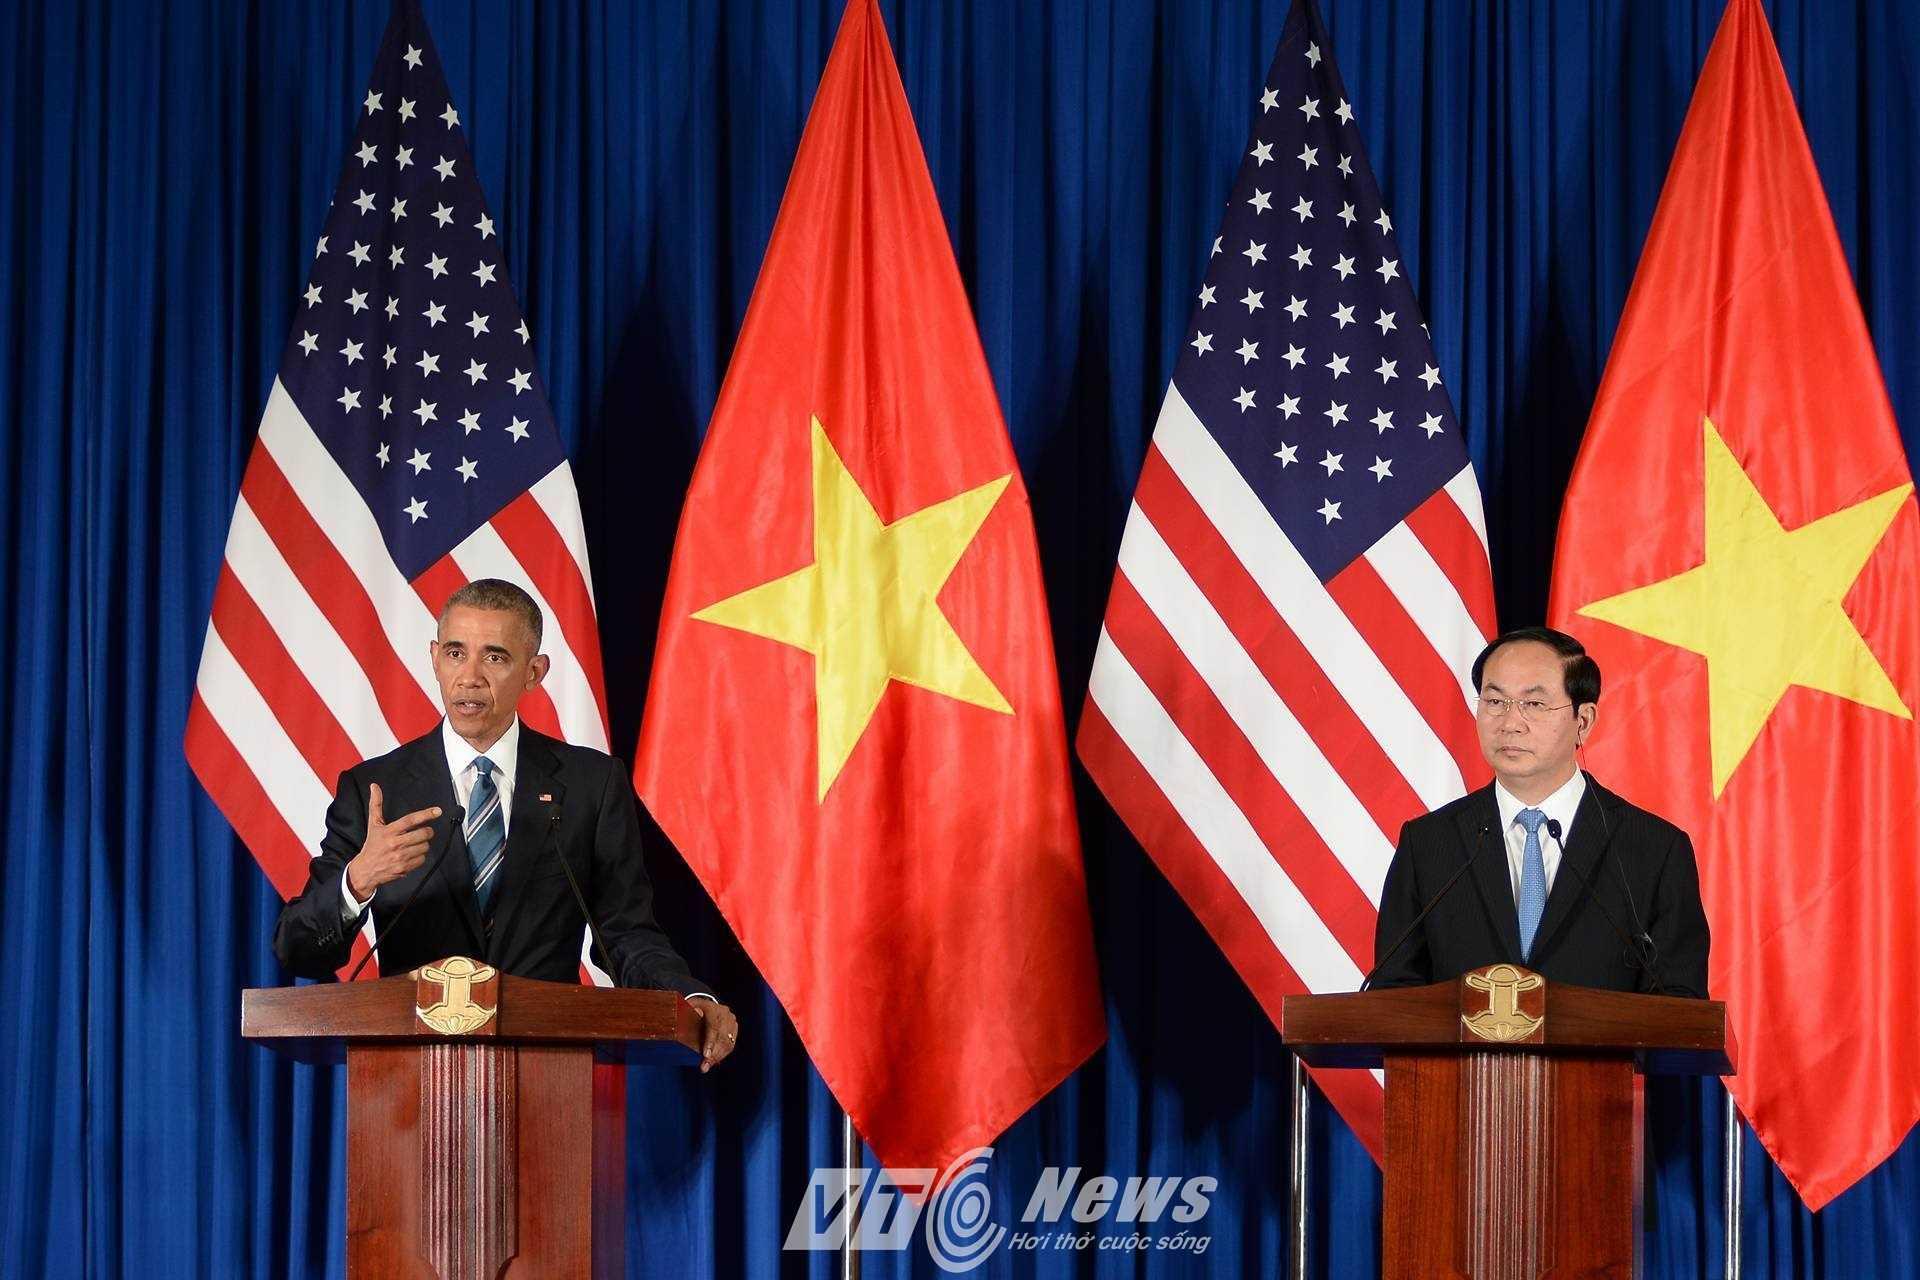 Tổng thống Obama khẳng định ủng hộ Việt Nam trong các vấn đề liên quan đến Biển Đông (ảnh: Tùng Đinh)